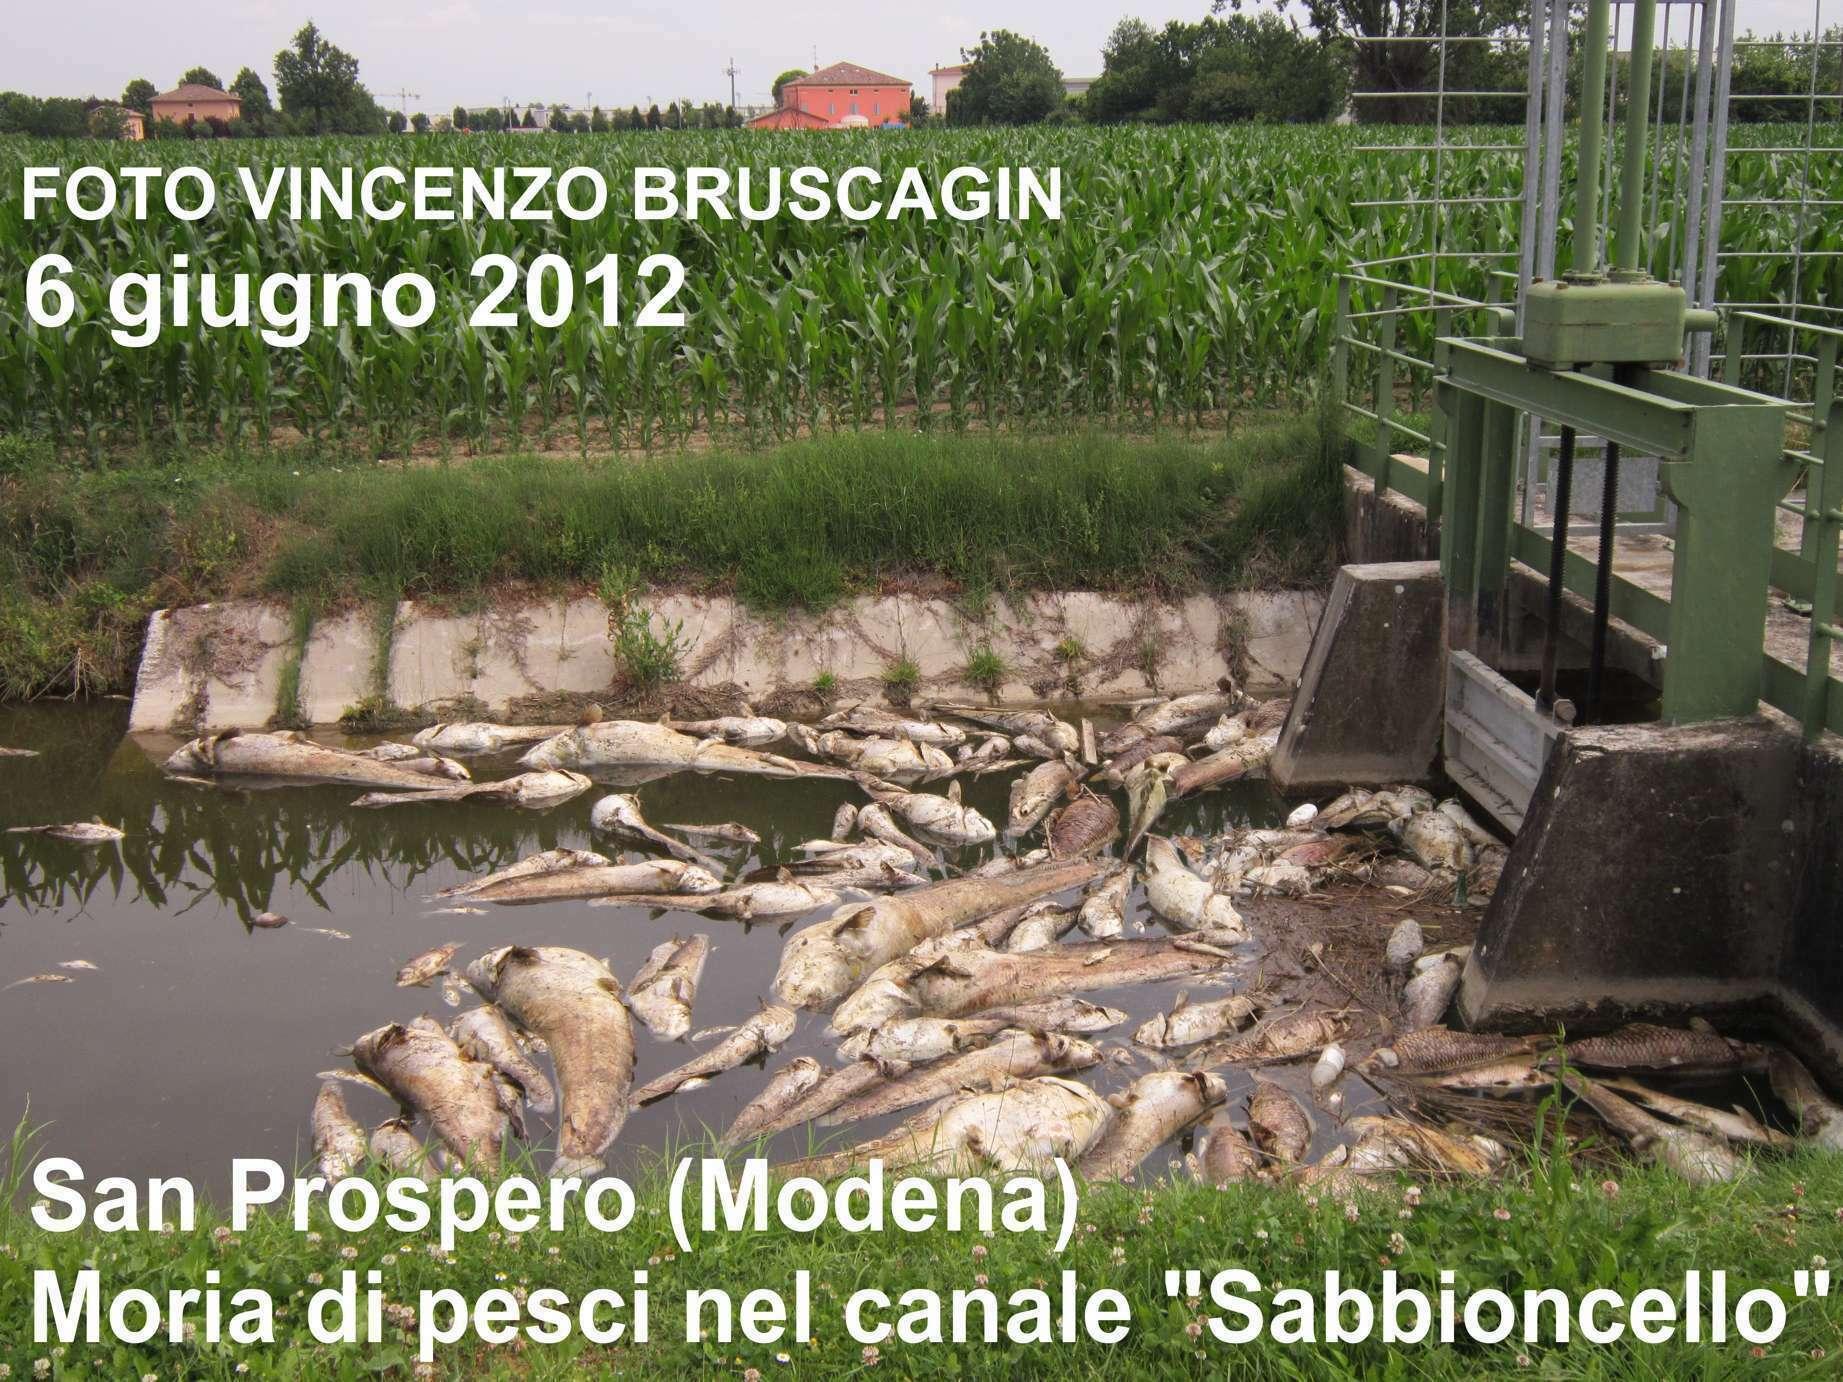 Morìa Di Pesci Nelle Zone Terremotate Dell'Emilia Romagna: Le Foto #4B5F2B 1843 1382 Foto Di Mobili Per Cucina